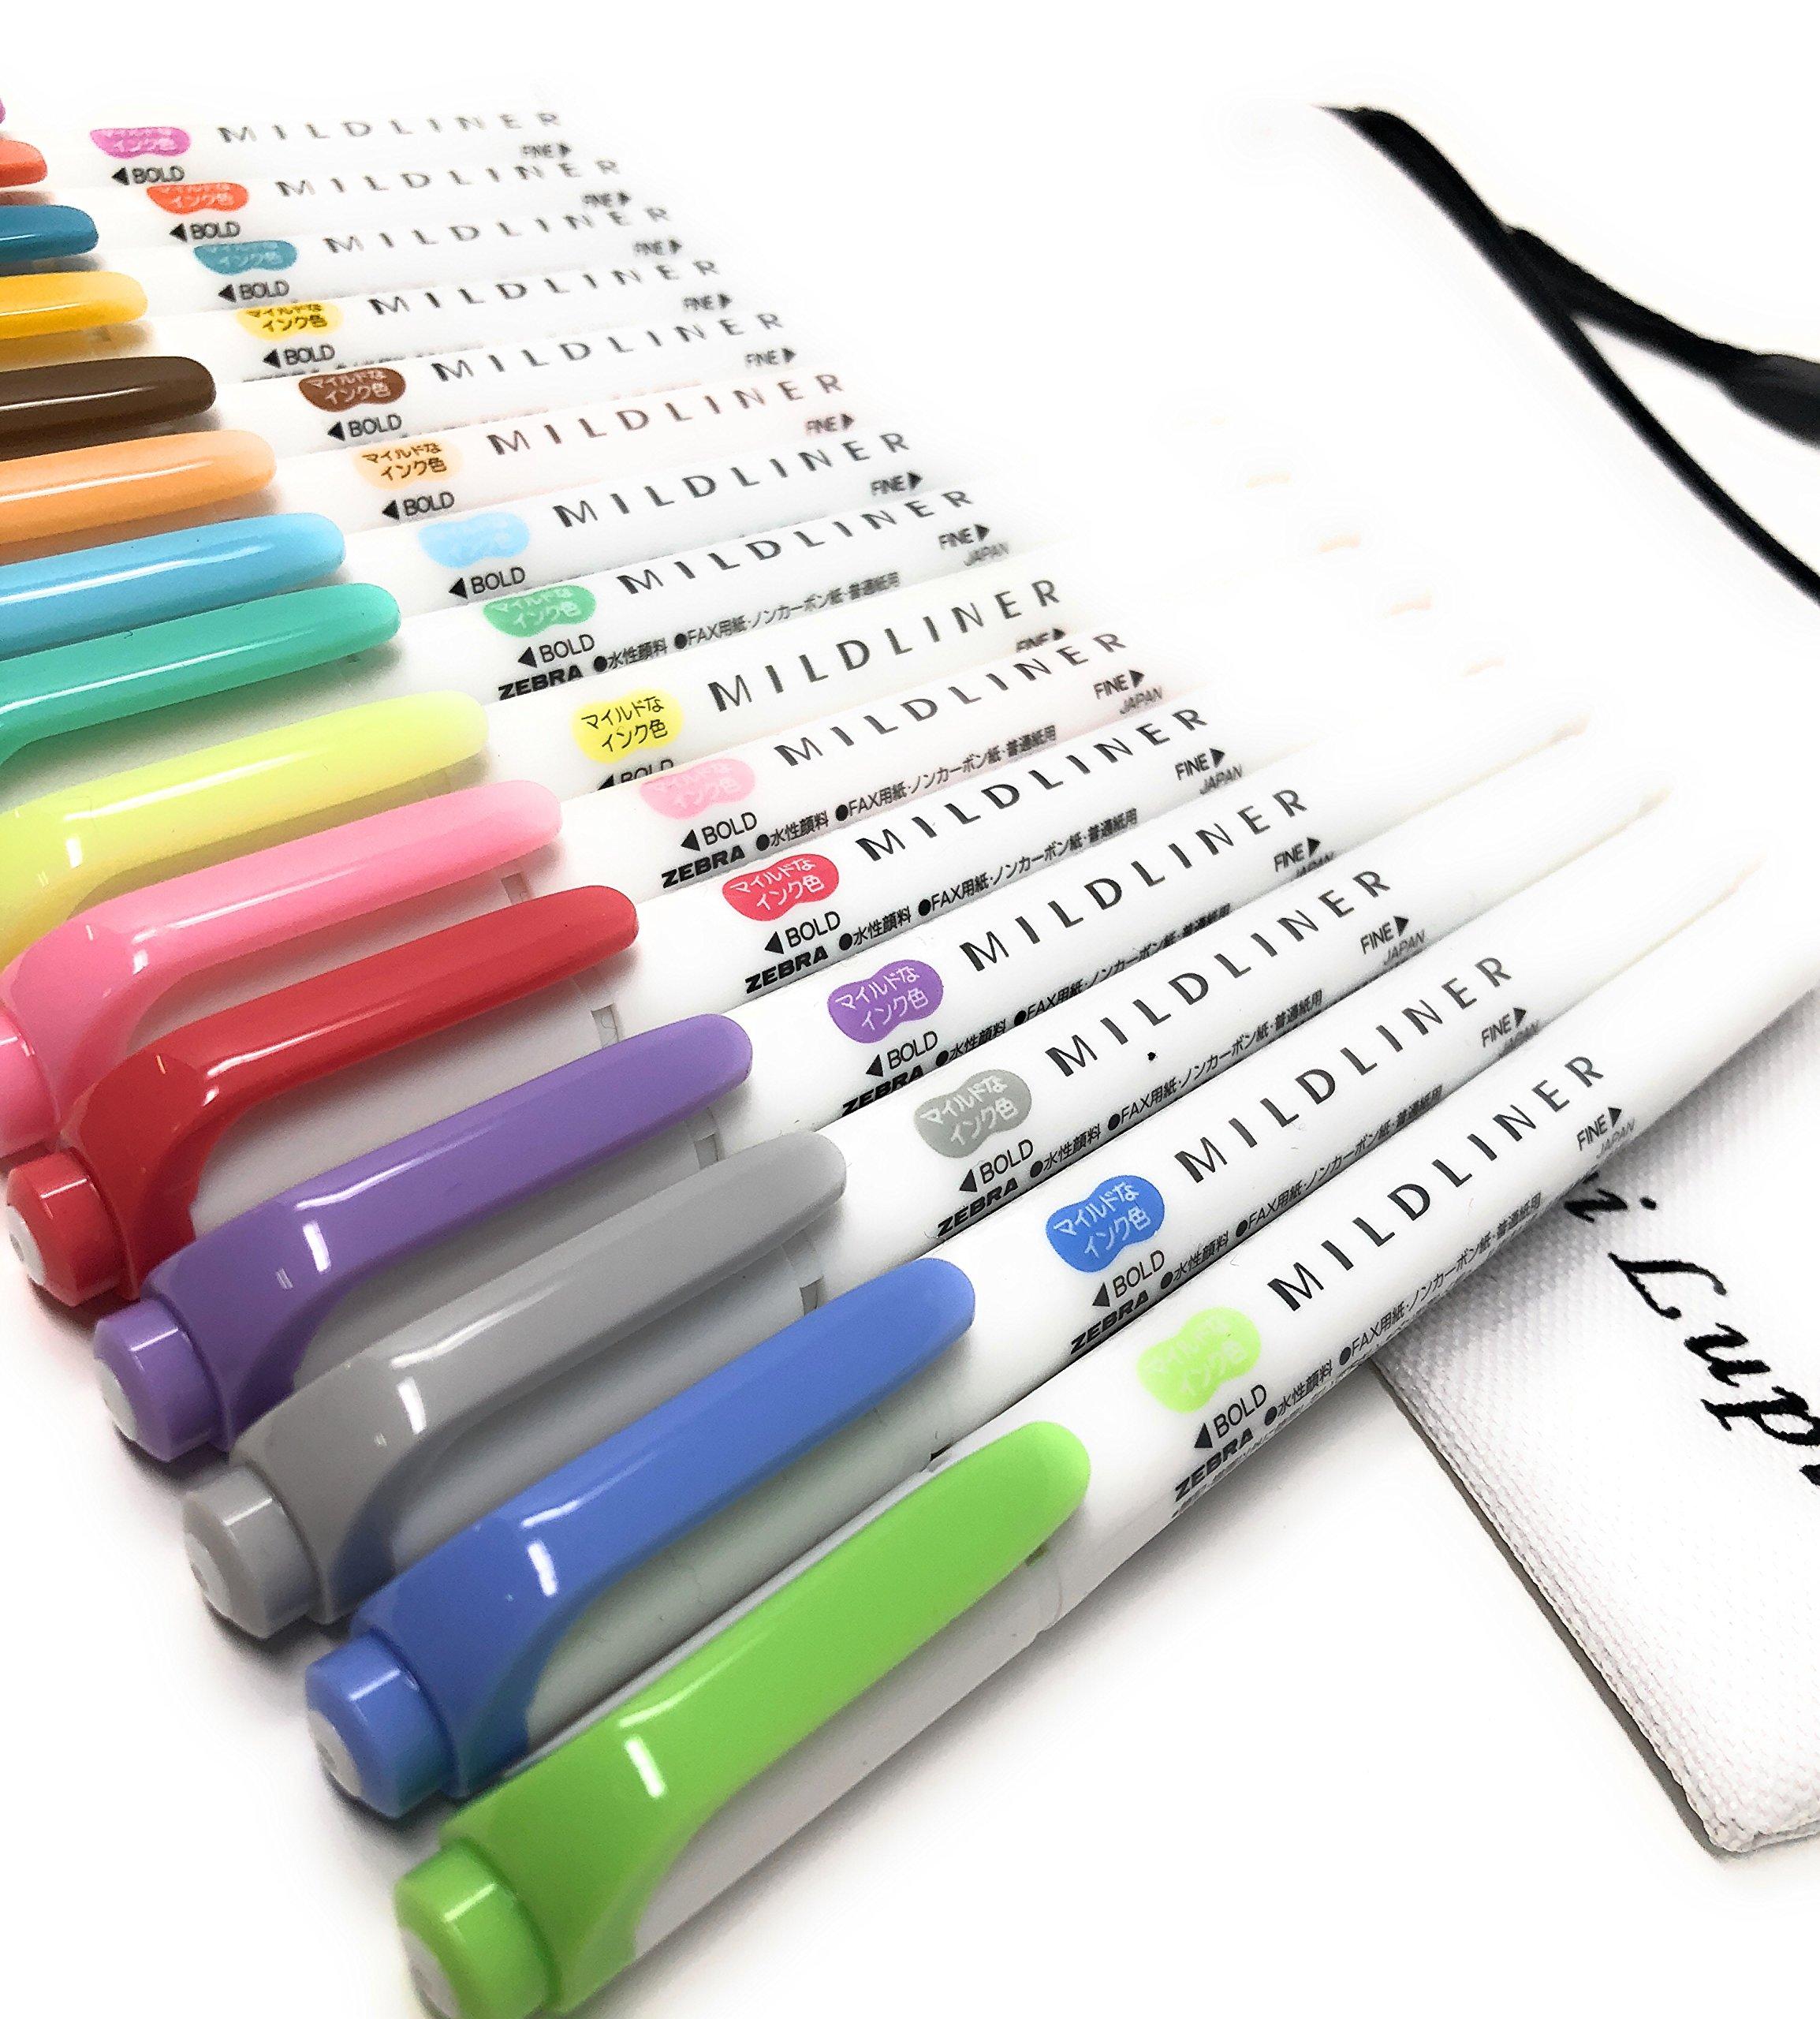 Zebra MILDLINER WKT7-5C (5-Color Set) / WKT7-5C-RC (5-Color Set) /WKT7-5C-NC (5-Color Set)3 pack With original pen case by Lupi Lupi (Image #3)